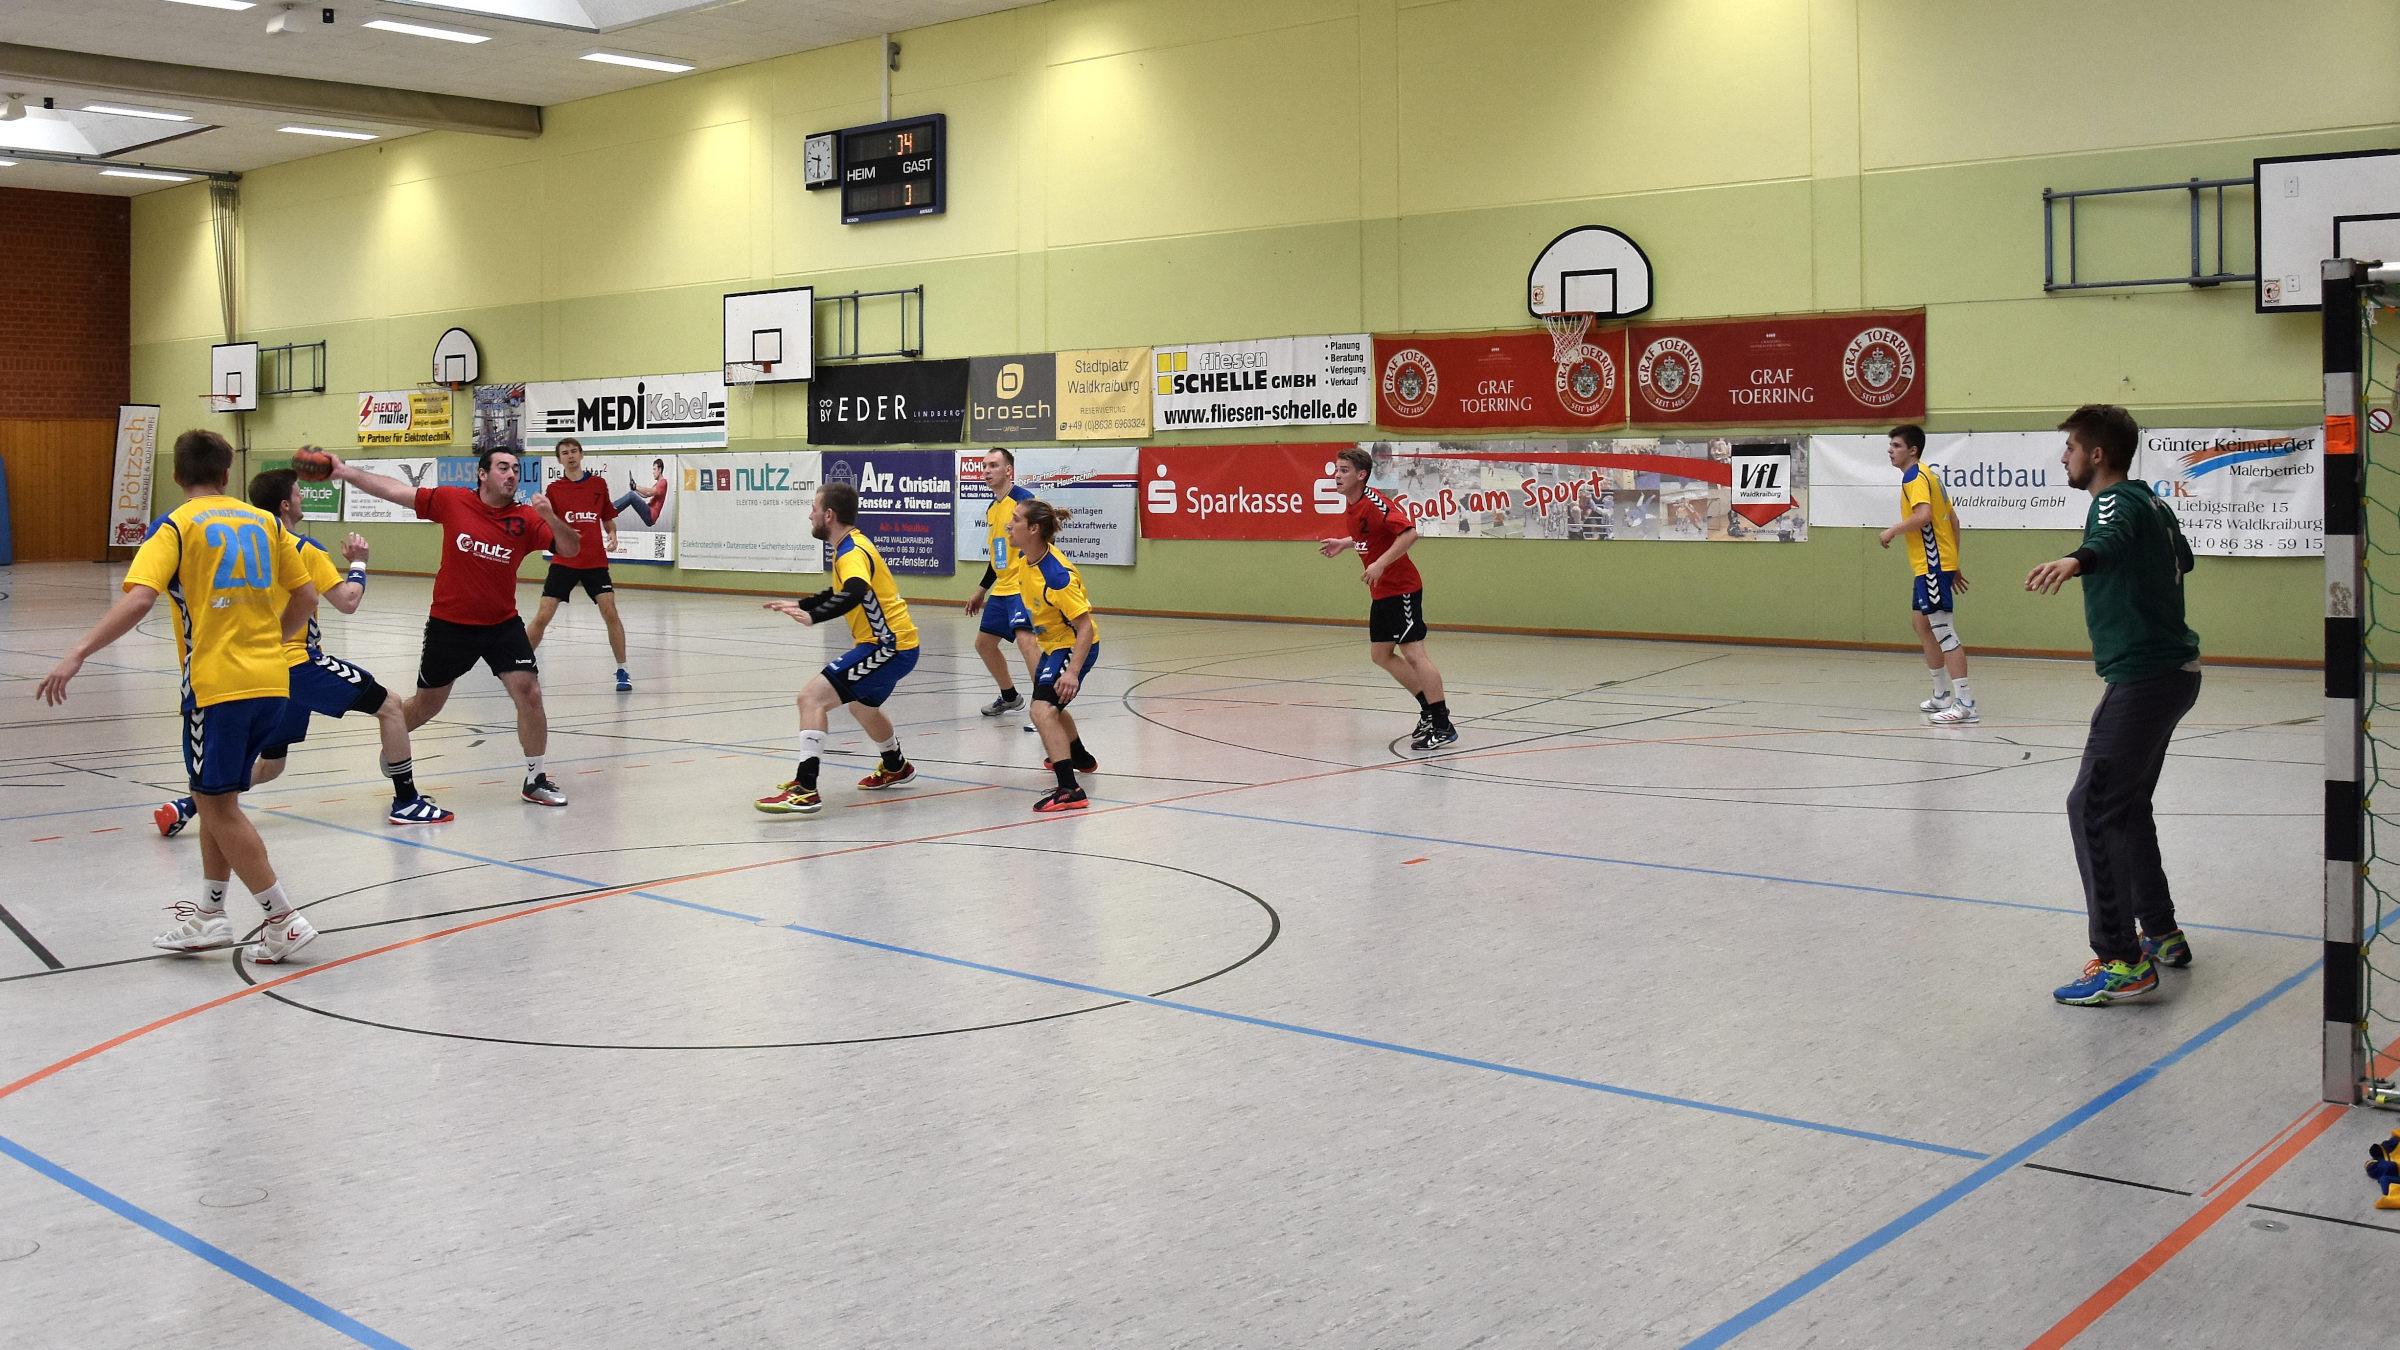 Waldkraiburger Handballer mit Auswärtsspielen